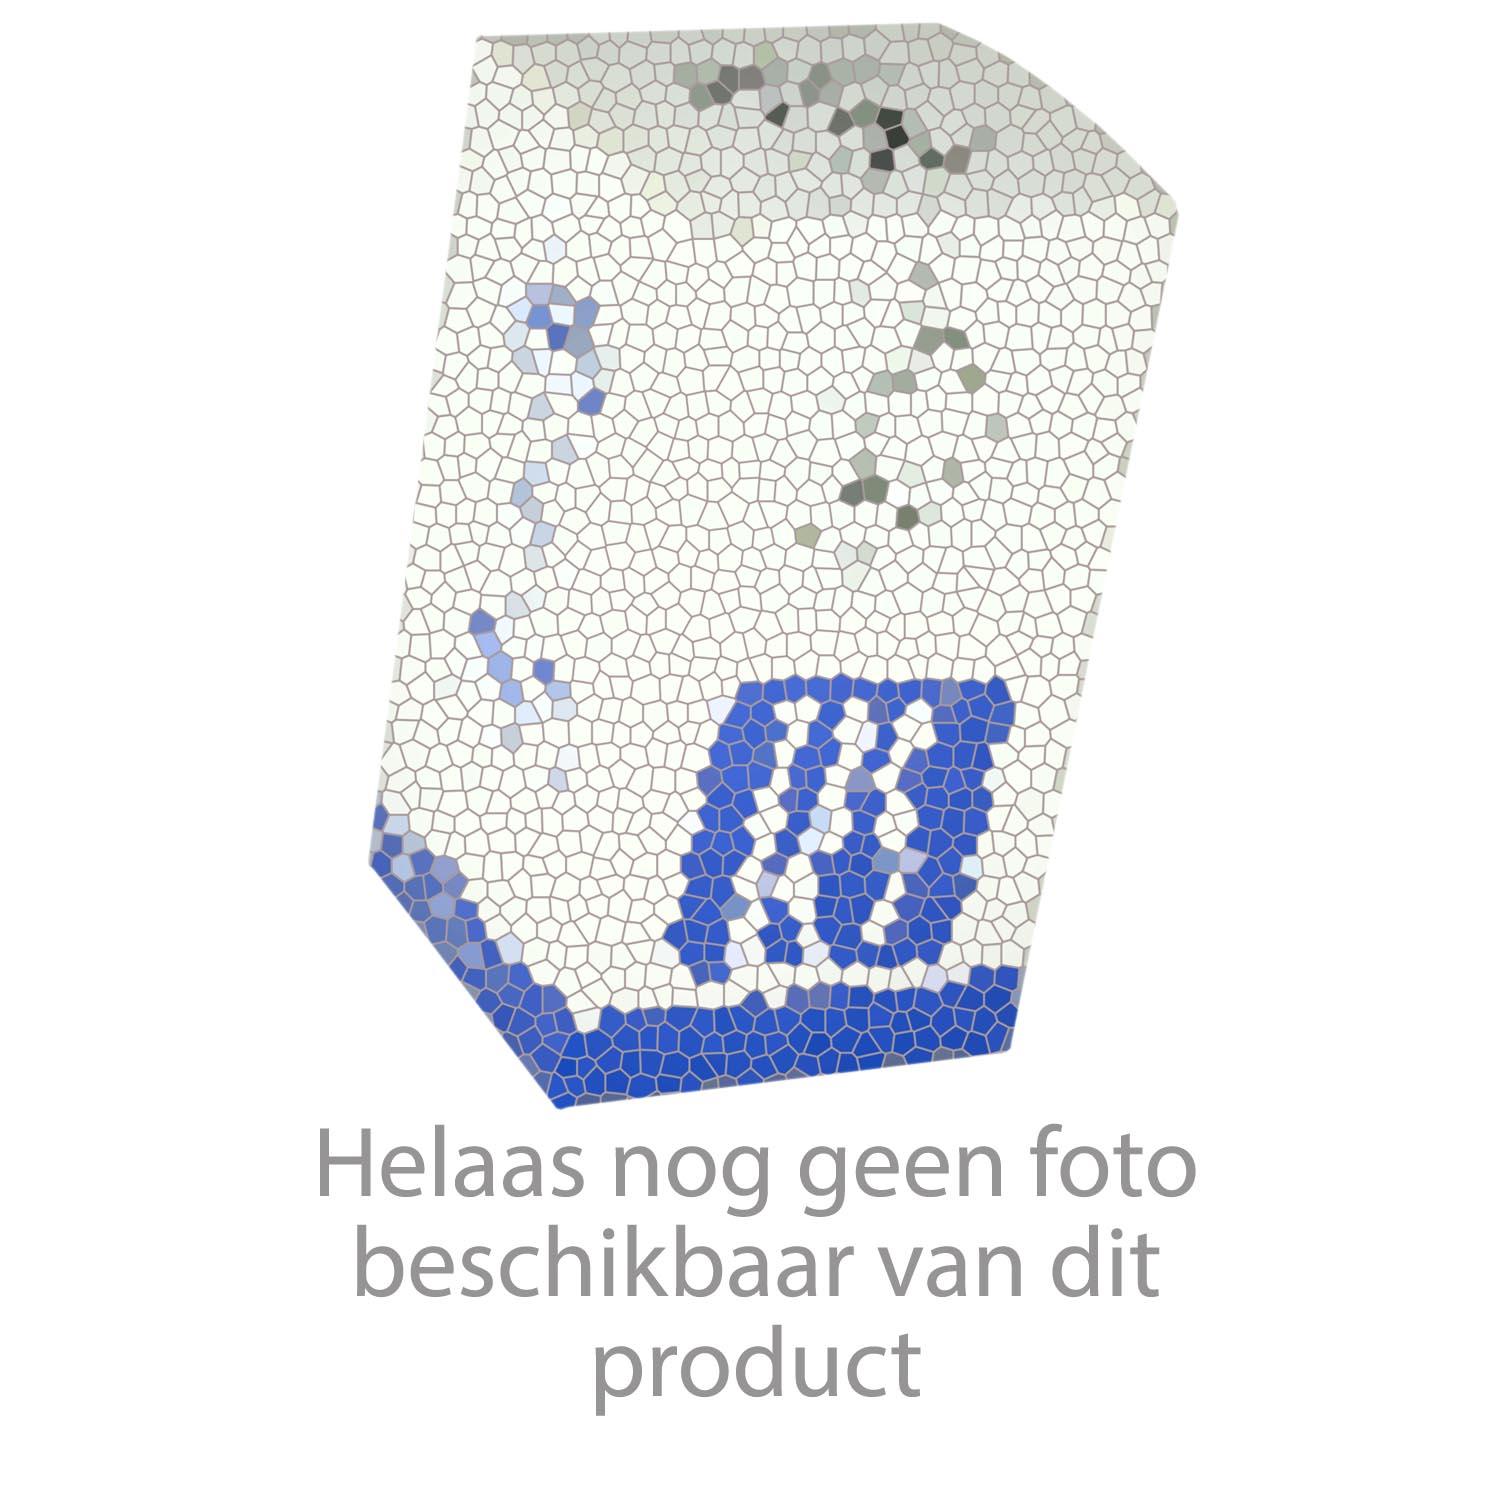 Geberit Gis-easy wc-element H120 voor hoekmontage met reservoir UP320 met frontbediening